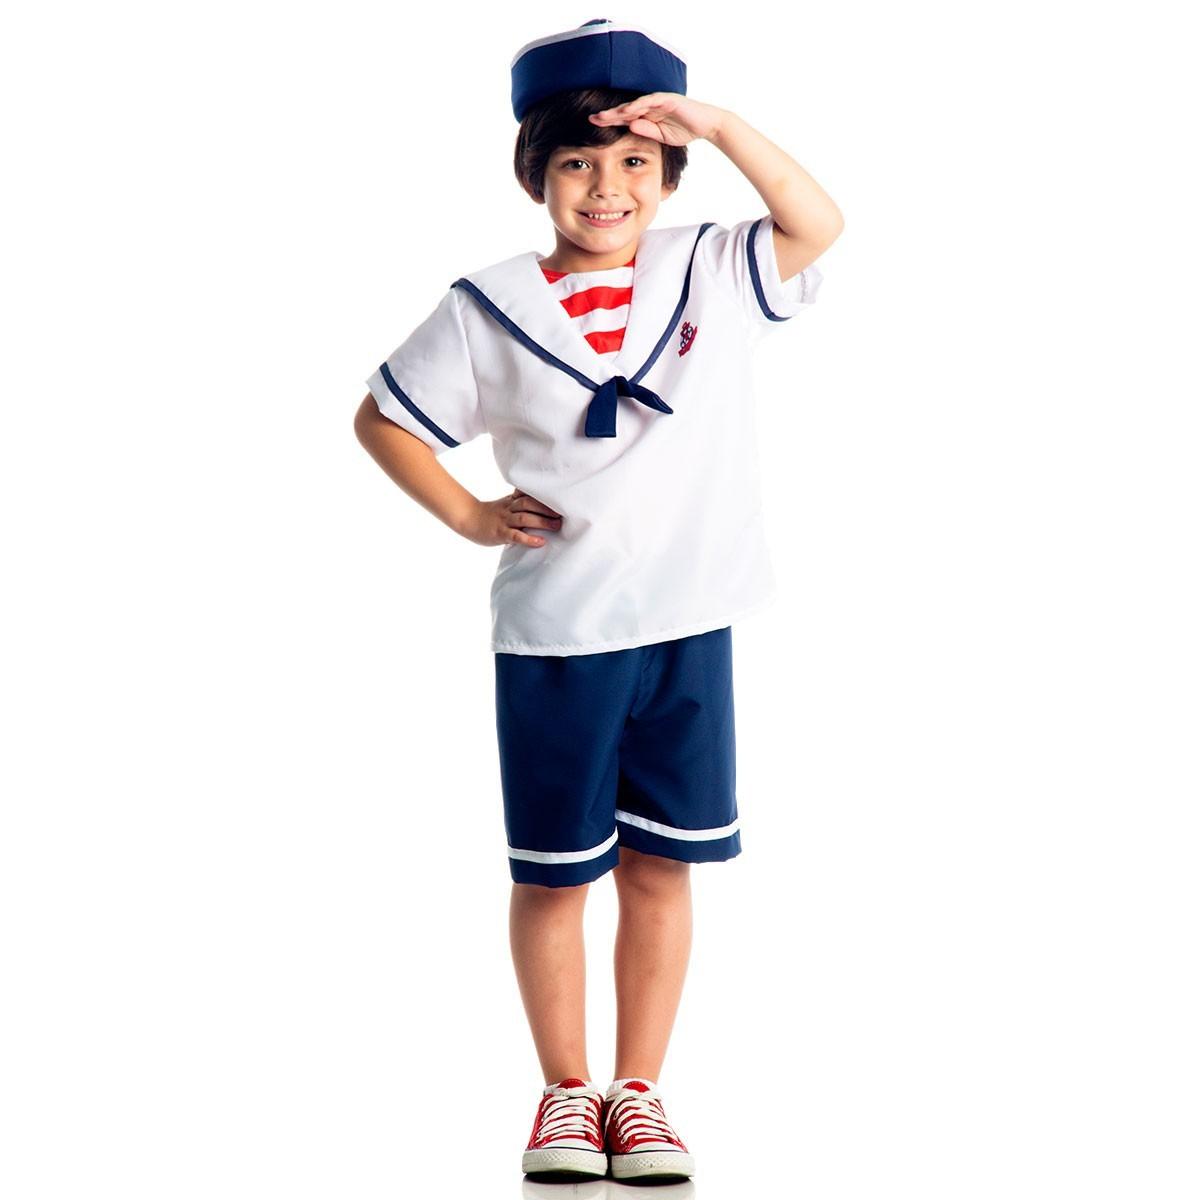 Fantasia Infantil Marinheiro Tamanho G